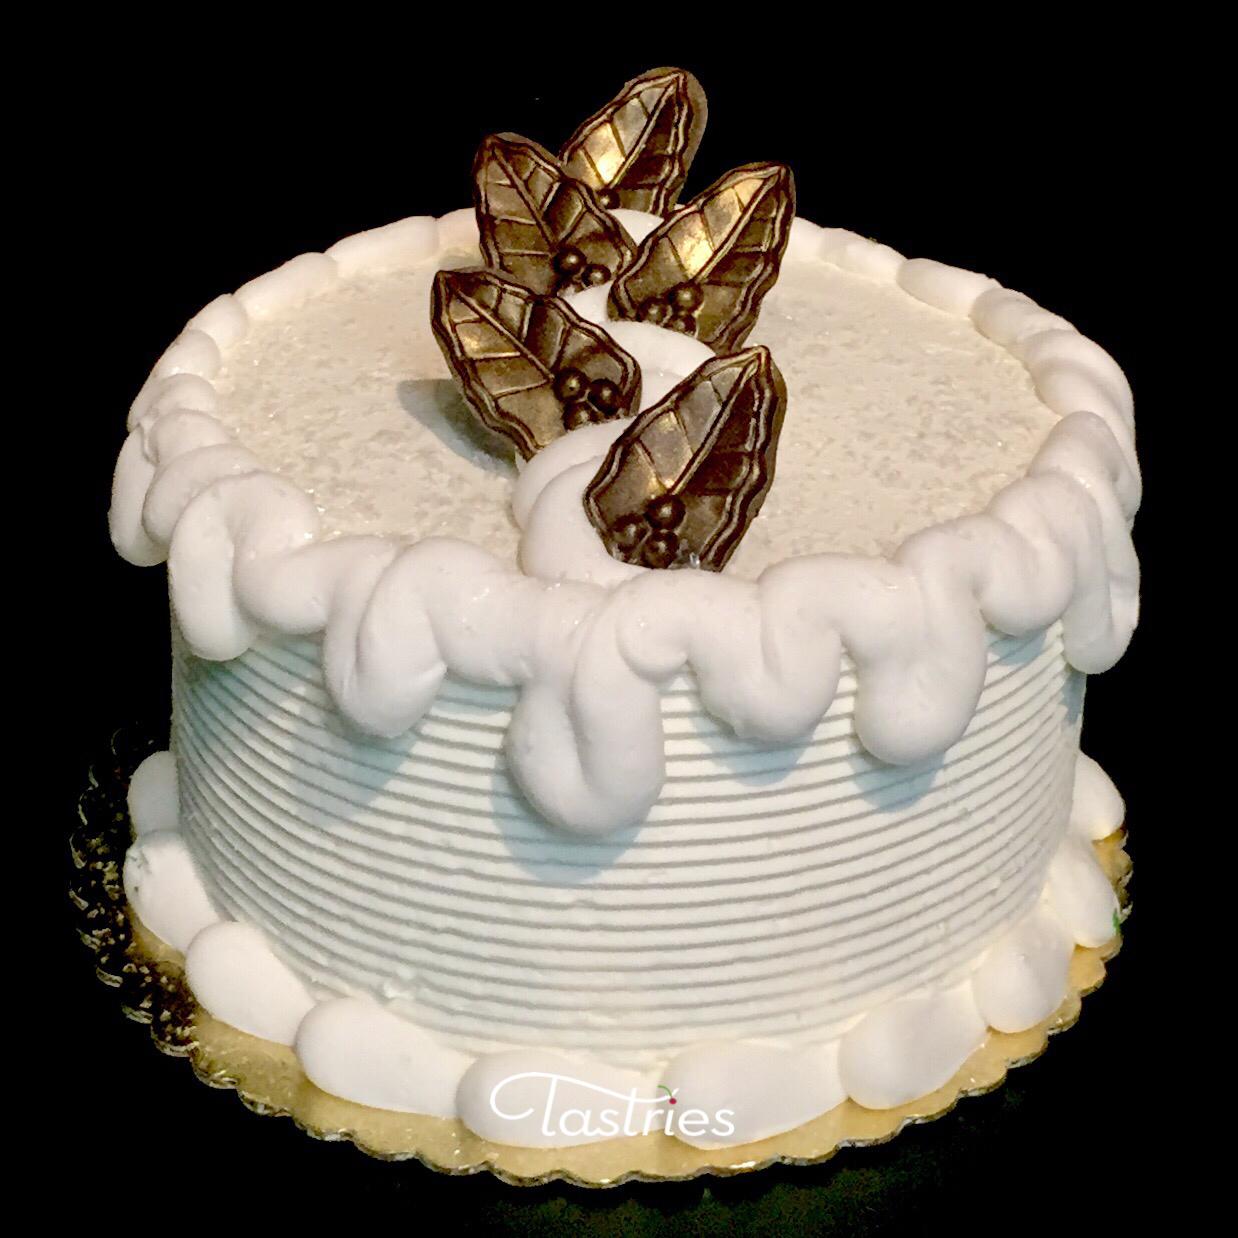 Snowy Winter Dessert Cake, Tastries